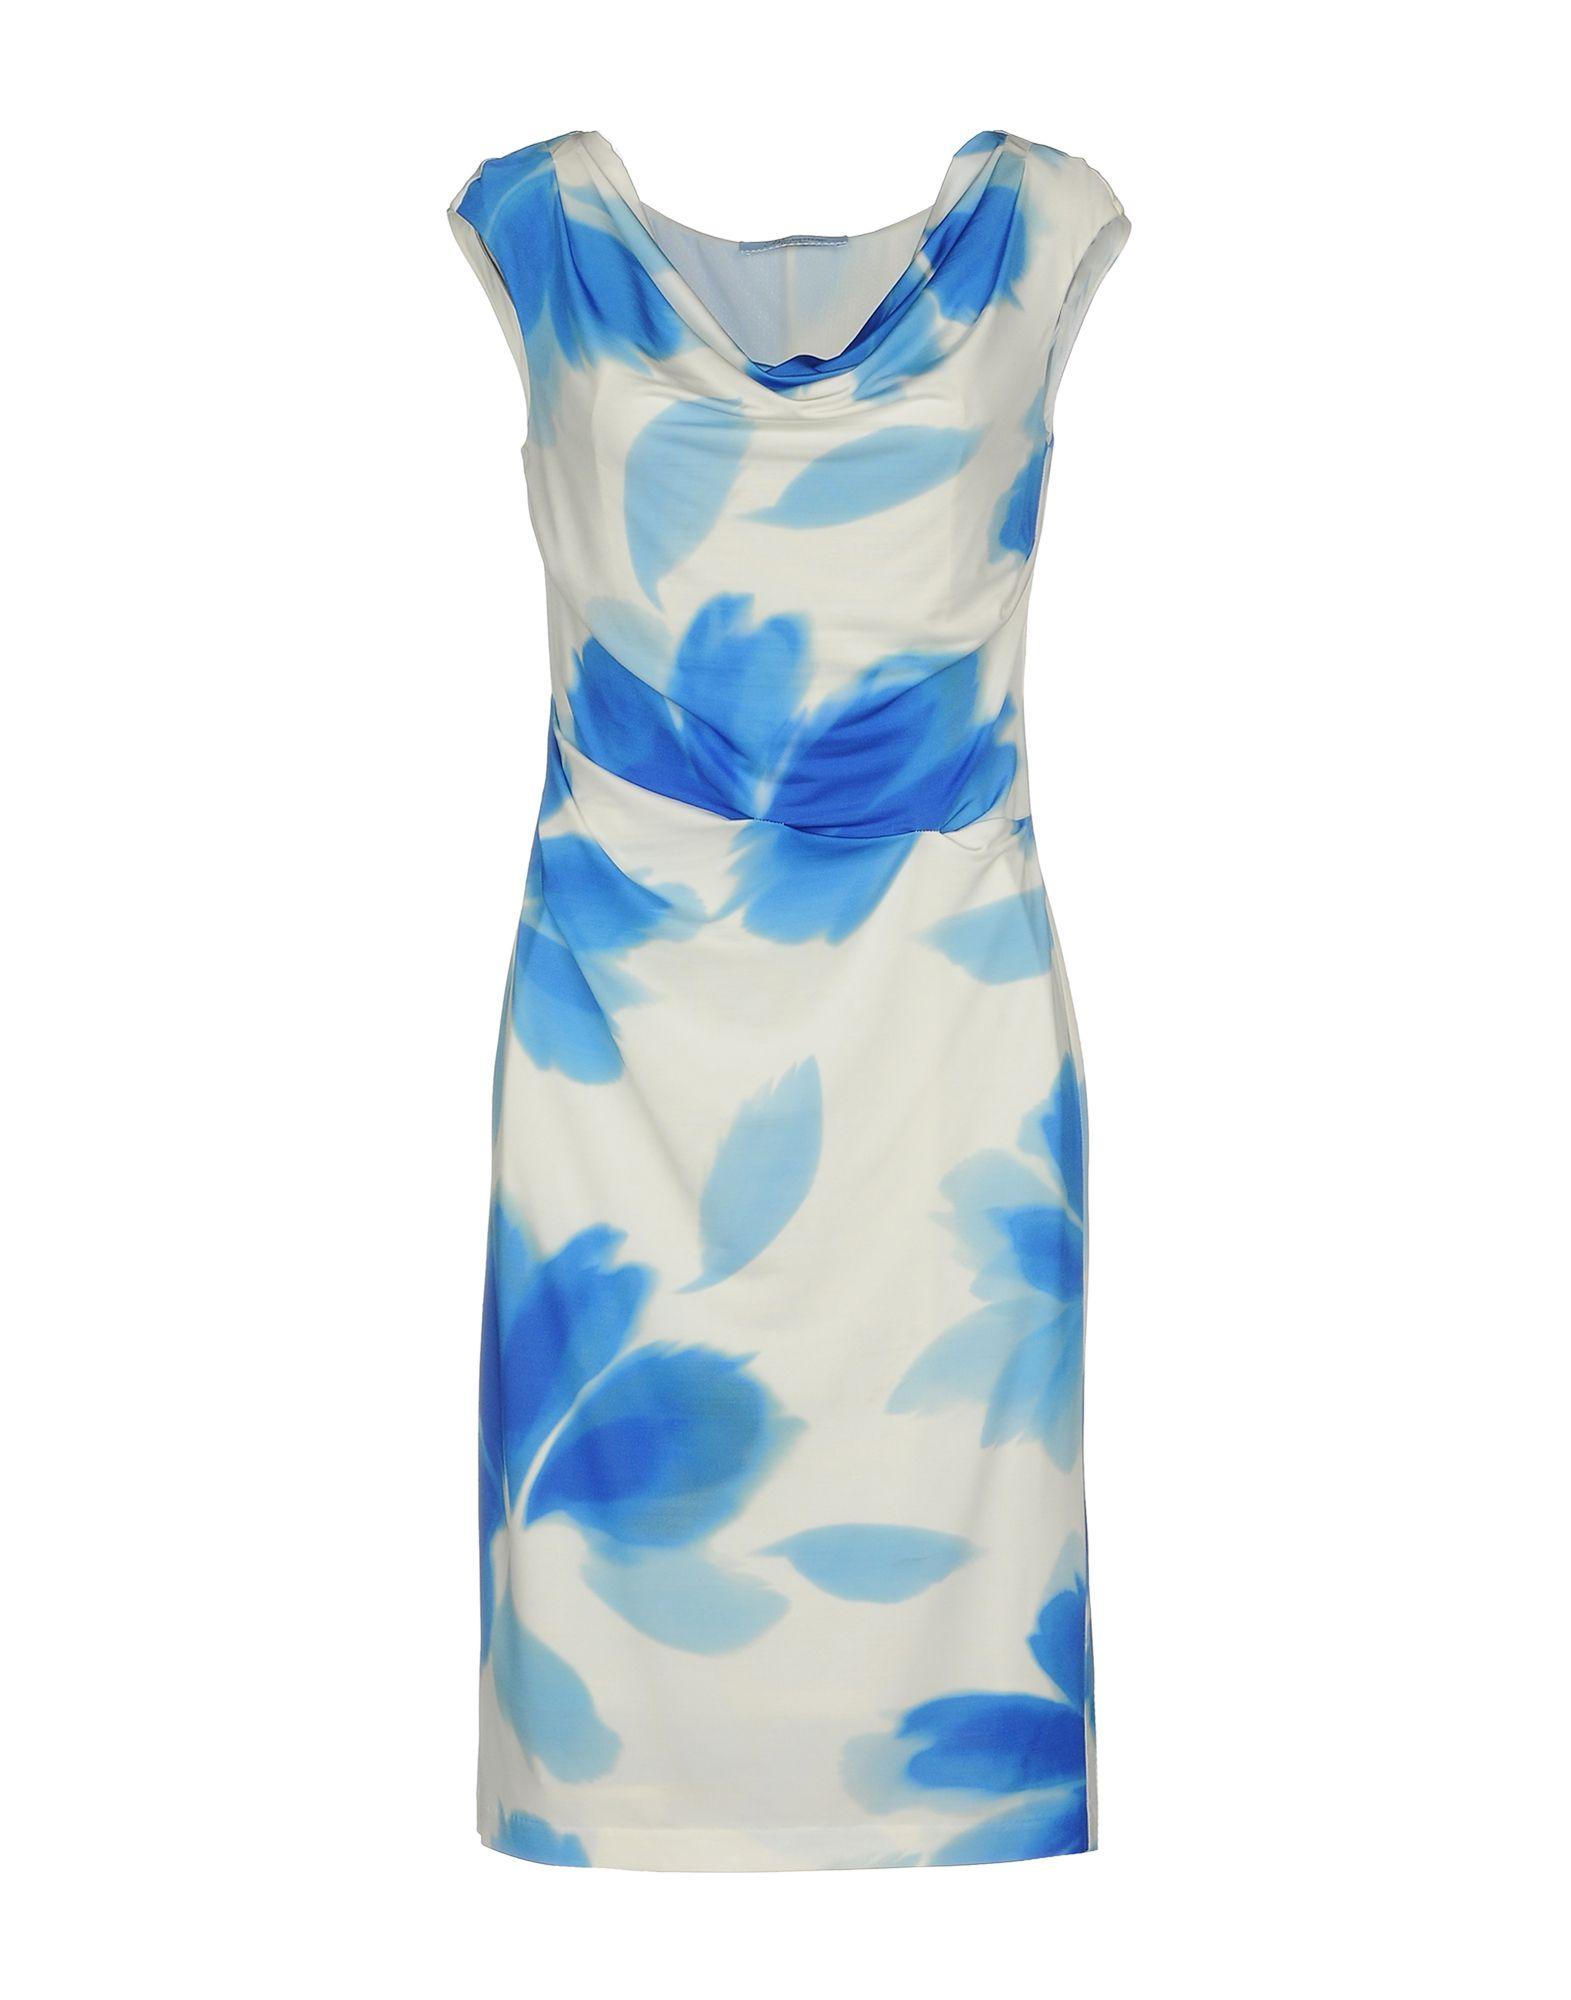 BLUMARINE Короткое платье коктейльное платье с драпировкой bebe платья и сарафаны коктейльные